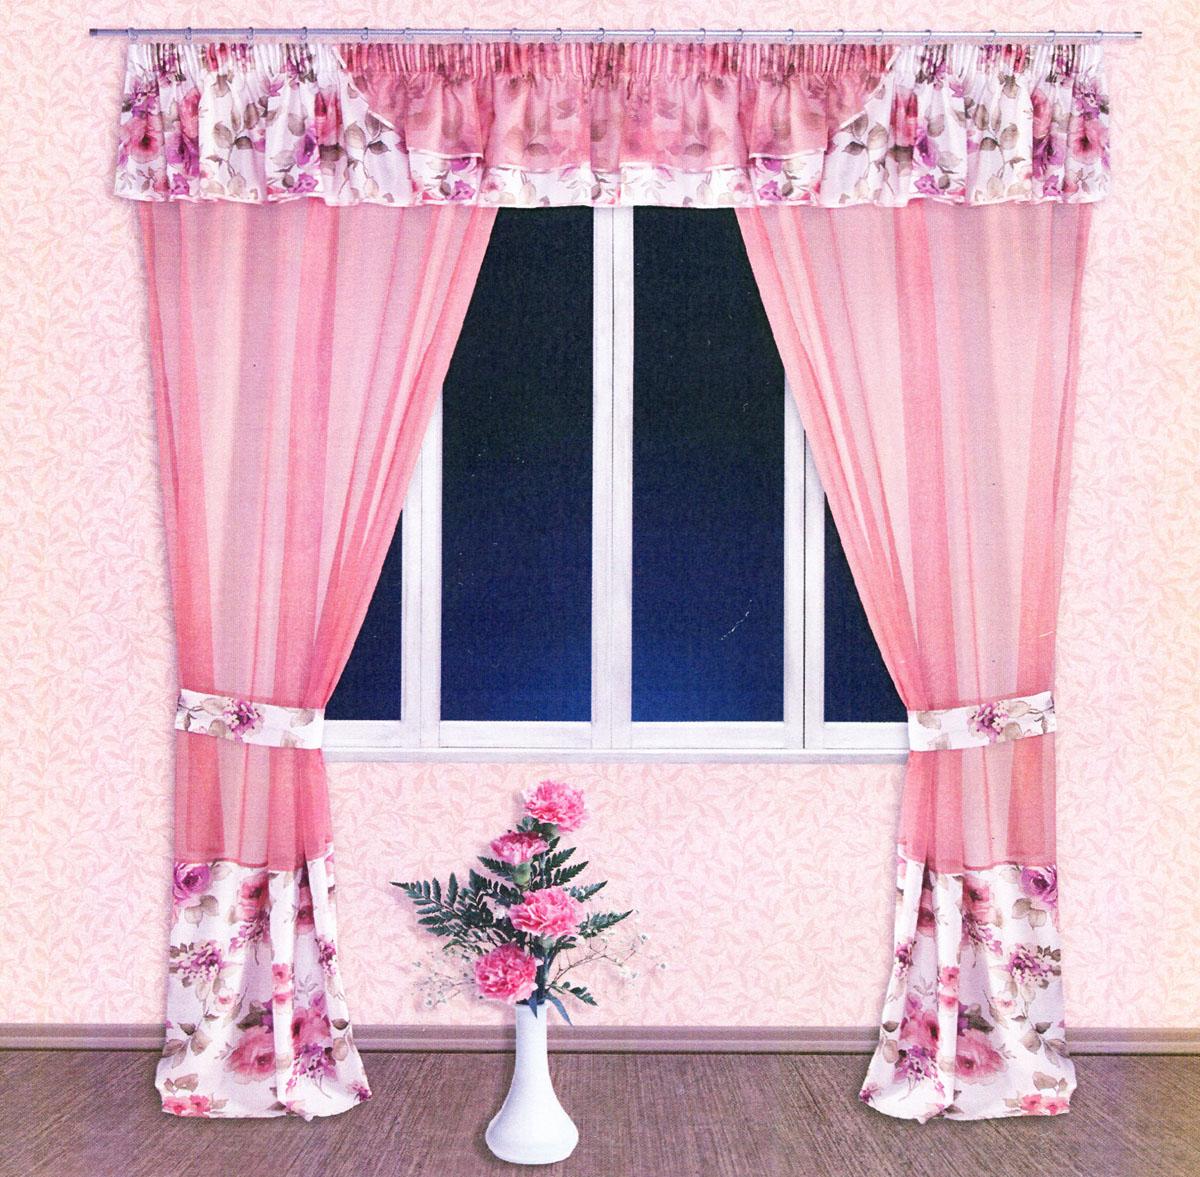 Комплект штор Zlata Korunka, на ленте, цвет: персиковый, белый, сиреневый, высота 250 см. 5552755527Роскошный комплект тюлевых штор Zlata Korunka, выполненный из вуали и сатина (100% полиэстера), великолепно украсит любое окно. Комплект состоит из двух штор, ламбрекена и двух подхватов. Полупрозрачная ткань, цветочный принт и приятная, приглушенная гамма привлекут к себе внимание и органично впишутся в интерьер помещения. Комплект крепится на карниз при помощи шторной ленты, которая поможет красиво и равномерно задрапировать верх. Шторы можно зафиксировать в одном положении с помощью двух подхватов. Этот комплект будет долгое время радовать вас и вашу семью! В комплект входит: Штора: 2 шт. Размер (ШхВ): 140 см х 250 см. Ламбрекен: 1 шт. Размер (ШхВ): 400 см х 50 см. Подхват: 2 шт. Размер (ШхВ): 60 см х 10 см.